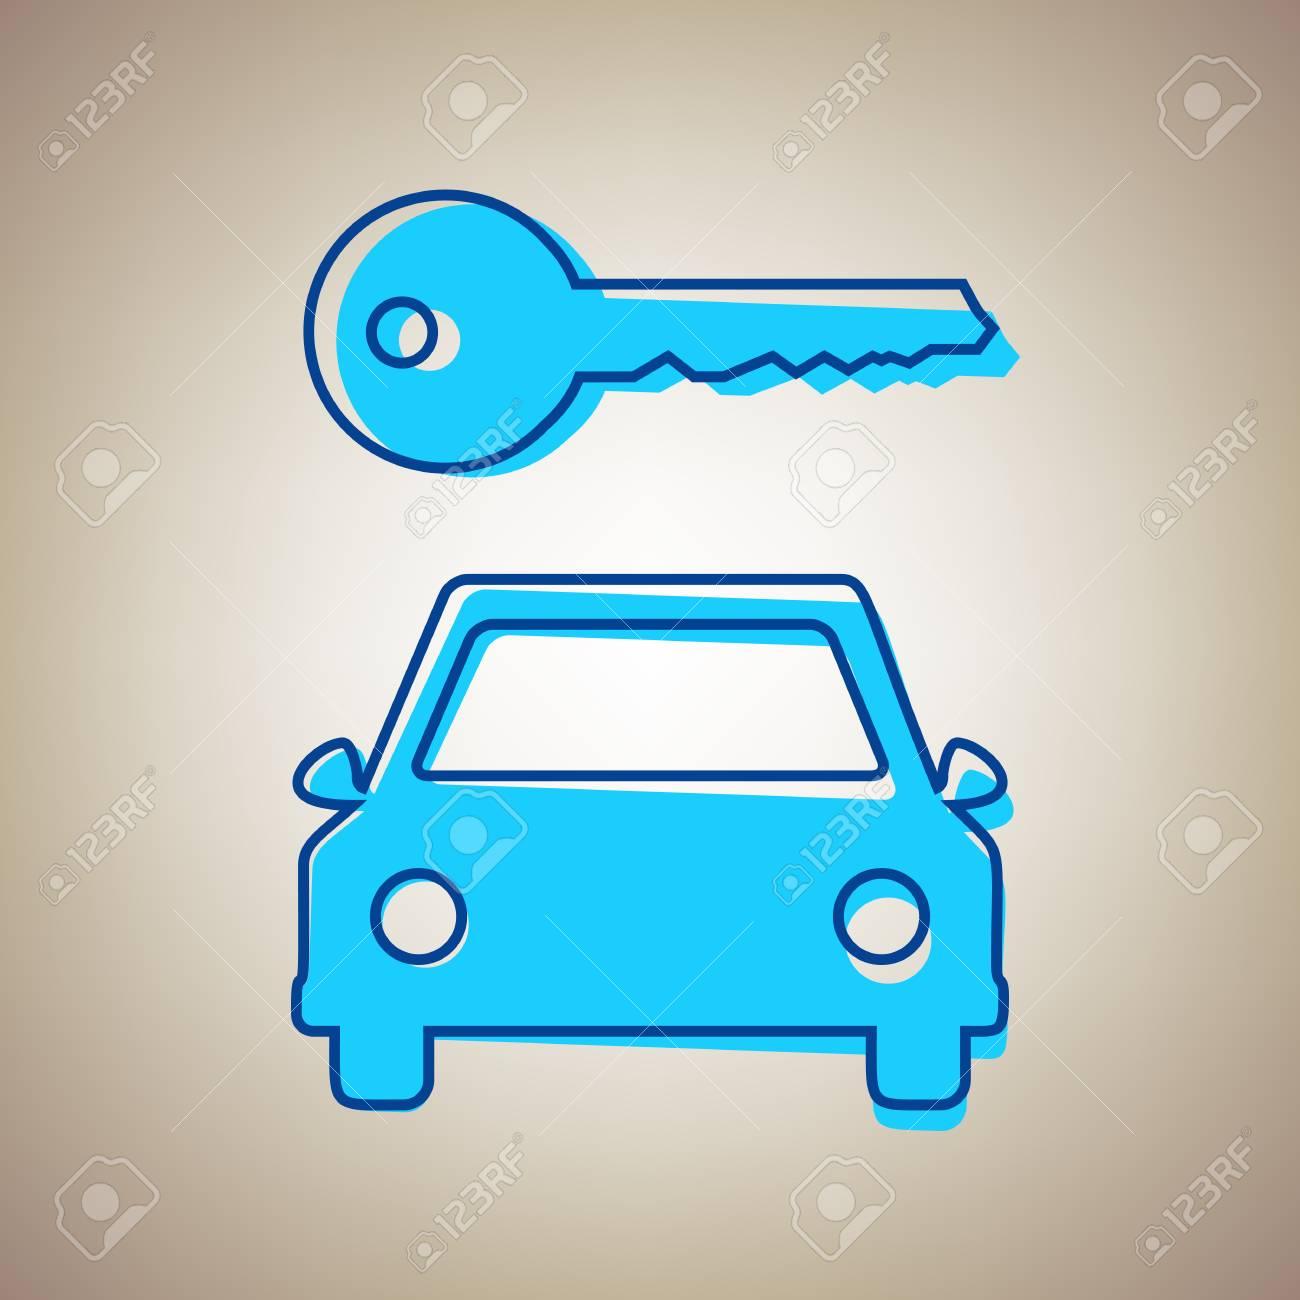 Einfaches Zeichen Des Autoschlüssels. Vektor. Himmelblaue Ikone Mit ...